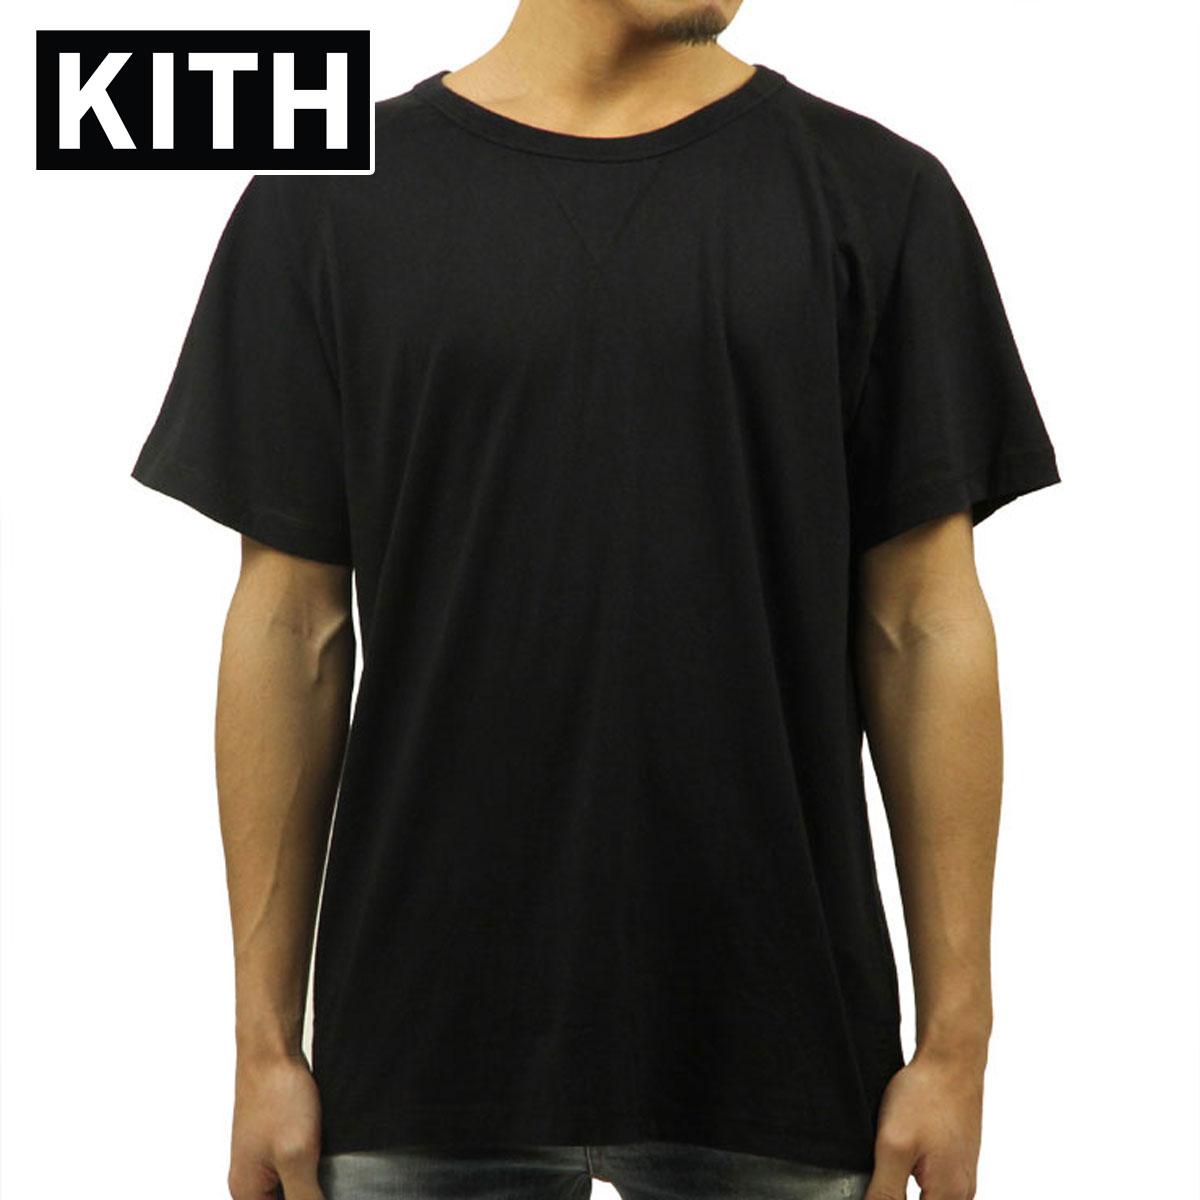 キス KITH 正規品 メンズ 半袖Tシャツ KITH LEWIS TEE - BLACK D00S15